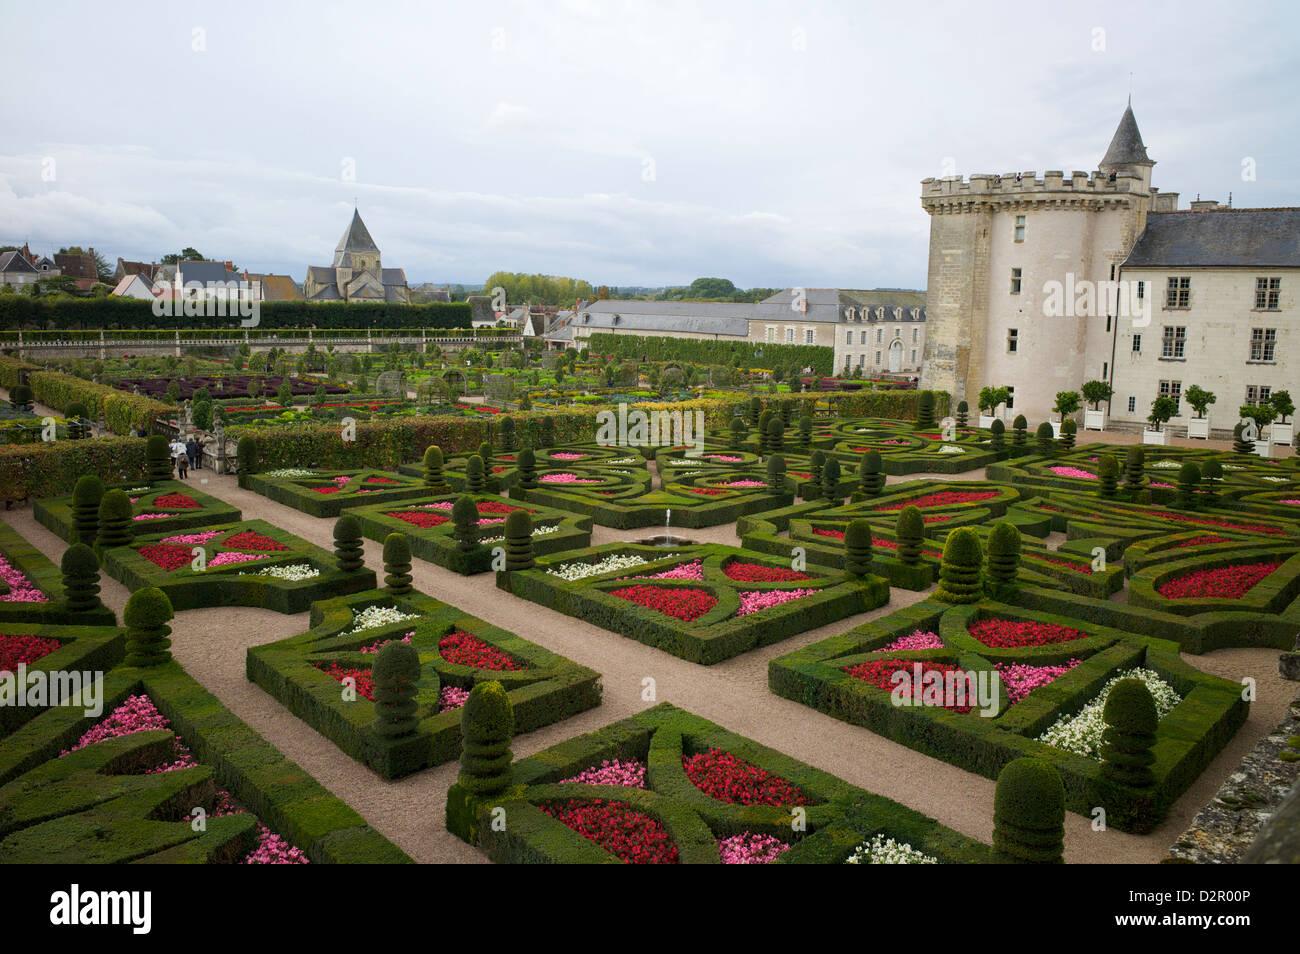 Gardens, Chateau de Villandry, UNESCO World Heritage Site, Indre-et-Loire, Touraine, Loire Valley, France, Europe Stock Photo